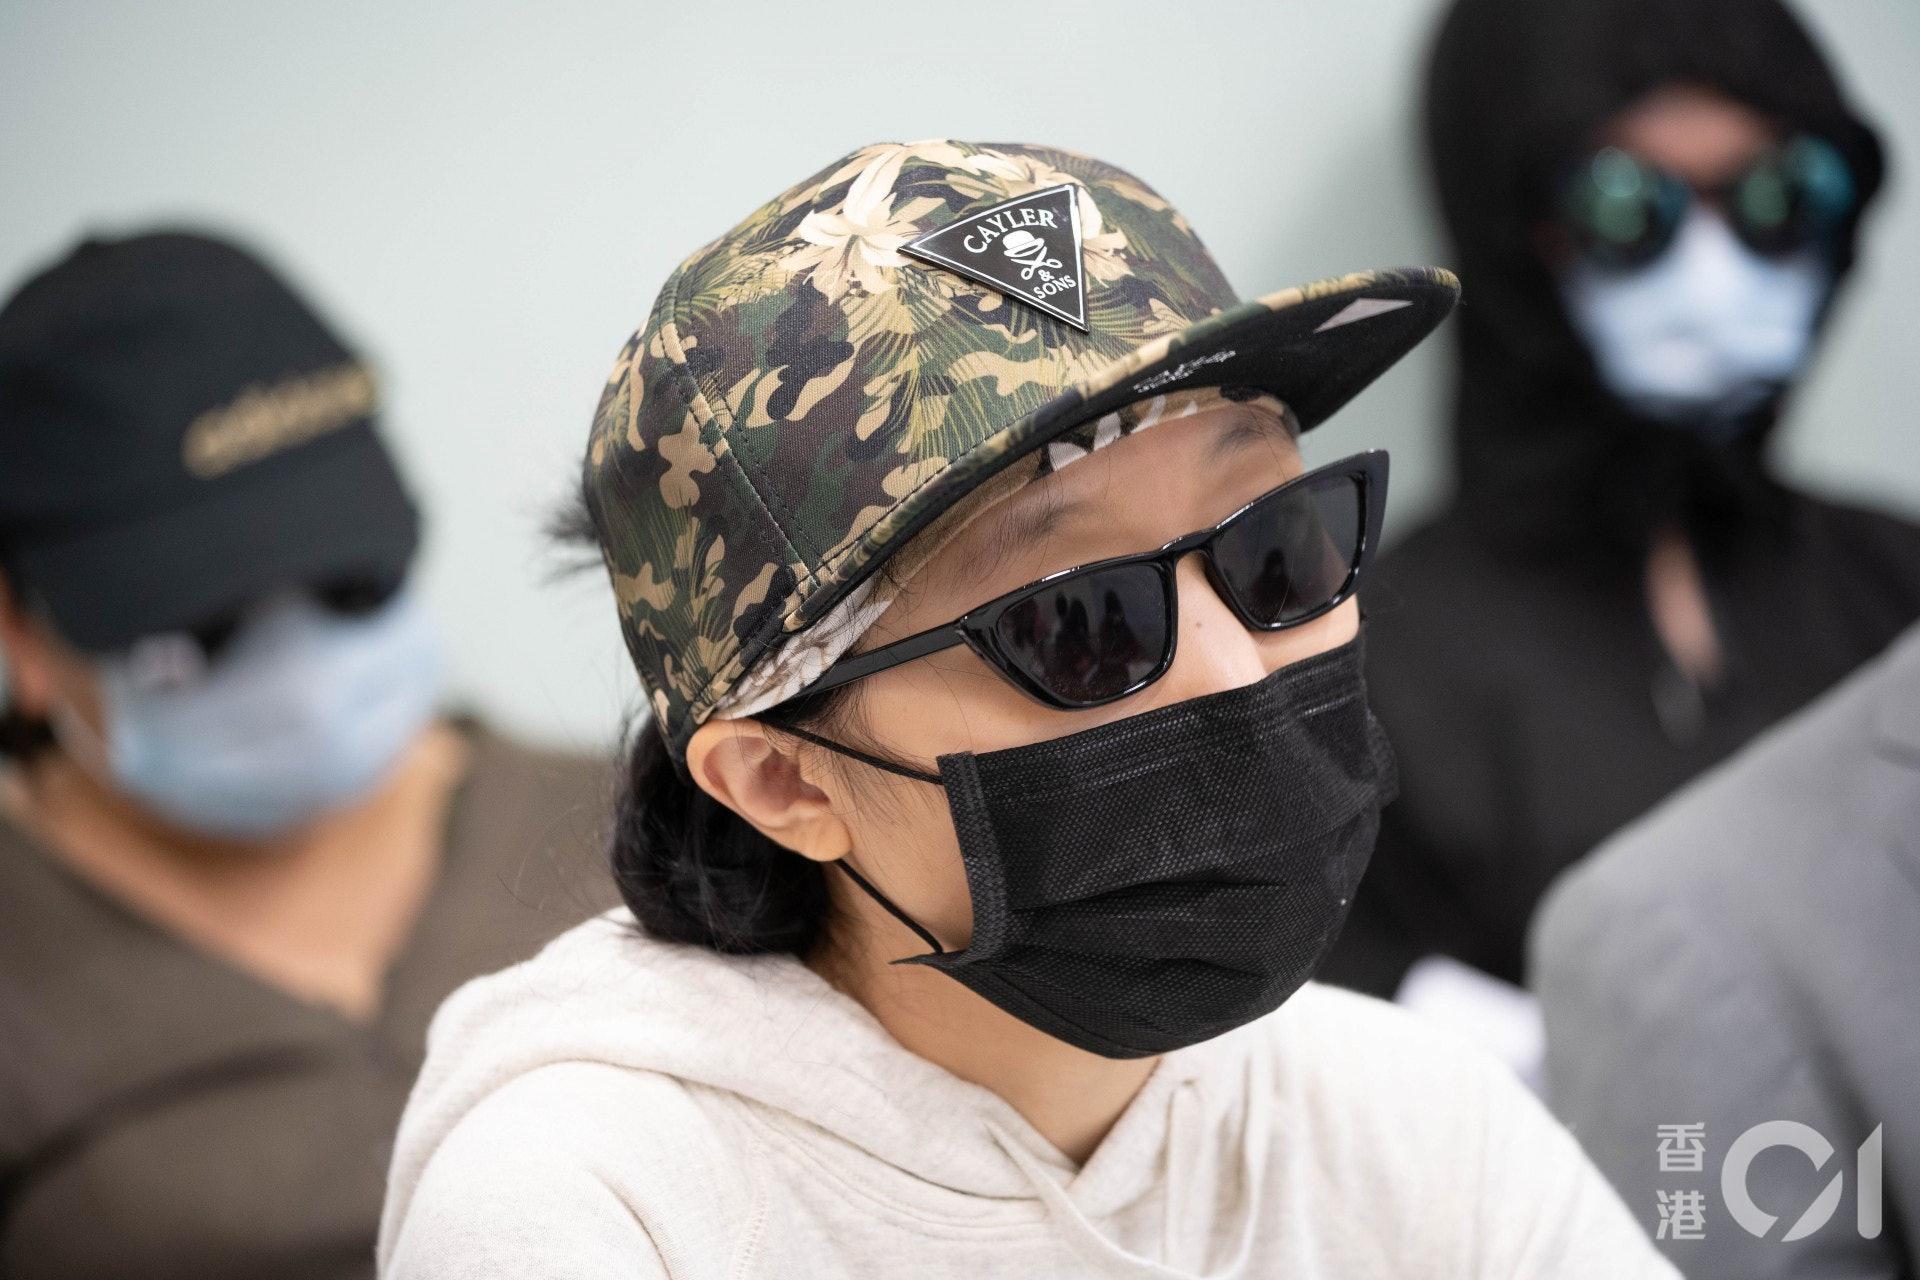 受害人唐小姐為單親媽媽,在去年7月向涉事公司繳付1000元後,被教唆掩飾其單親身份,若不遵從會被職員指責違規。(廖雁雄攝)